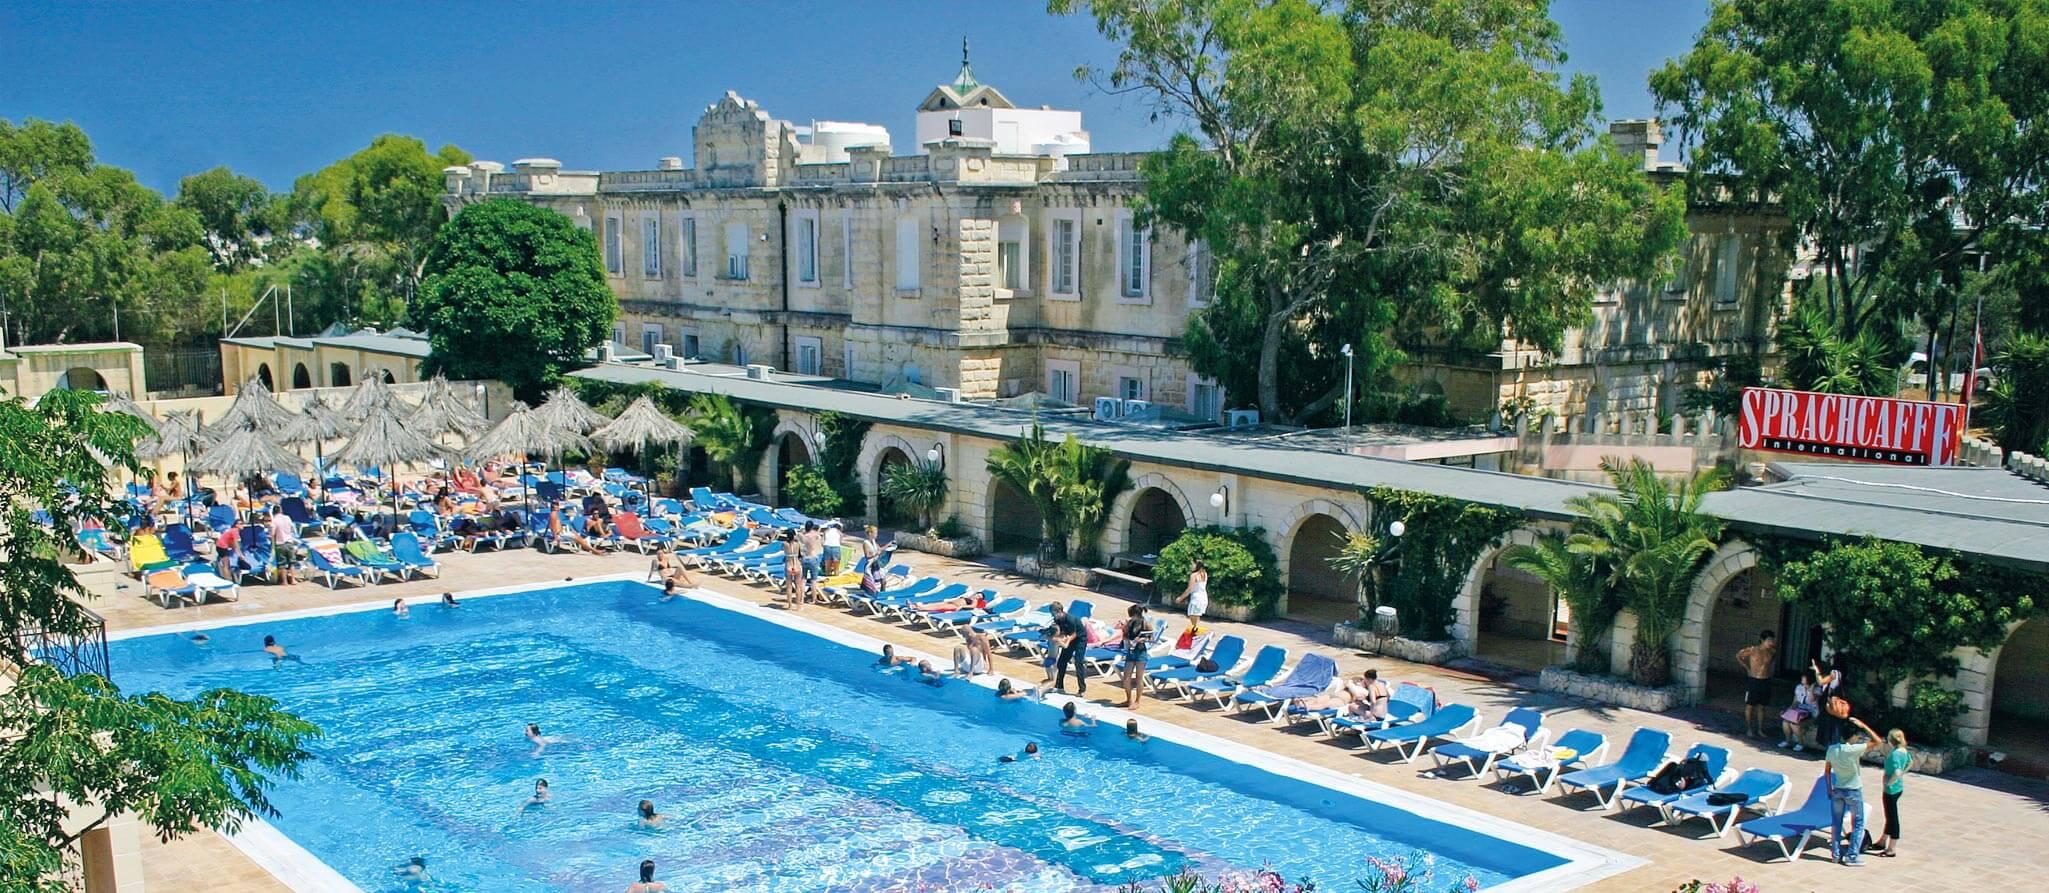 As melhores escolas de Malta - Sprachcaffe